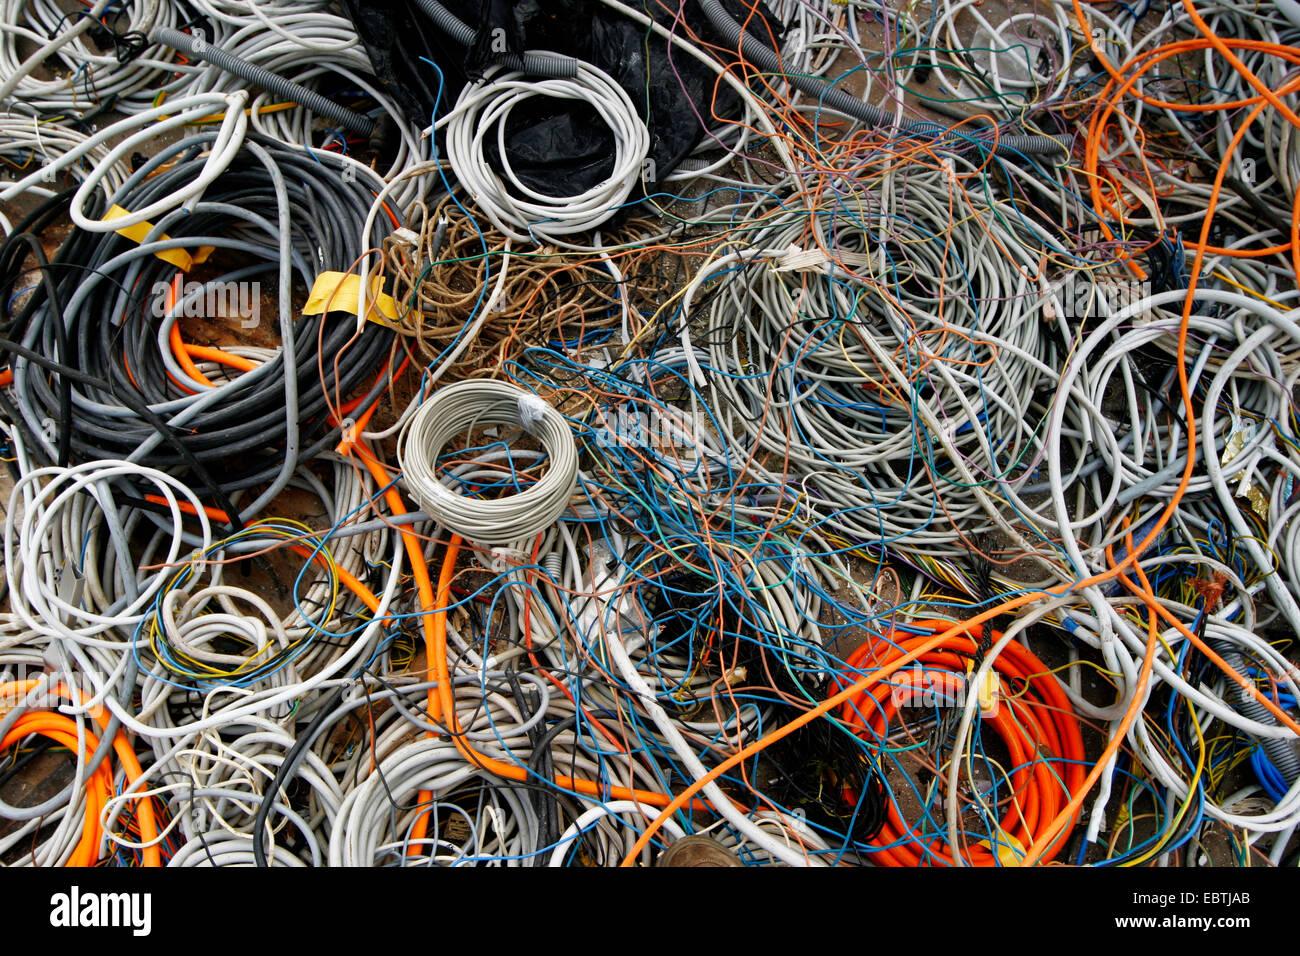 elektrische Kabel auf einer Deponie, Deutschland Stockbild